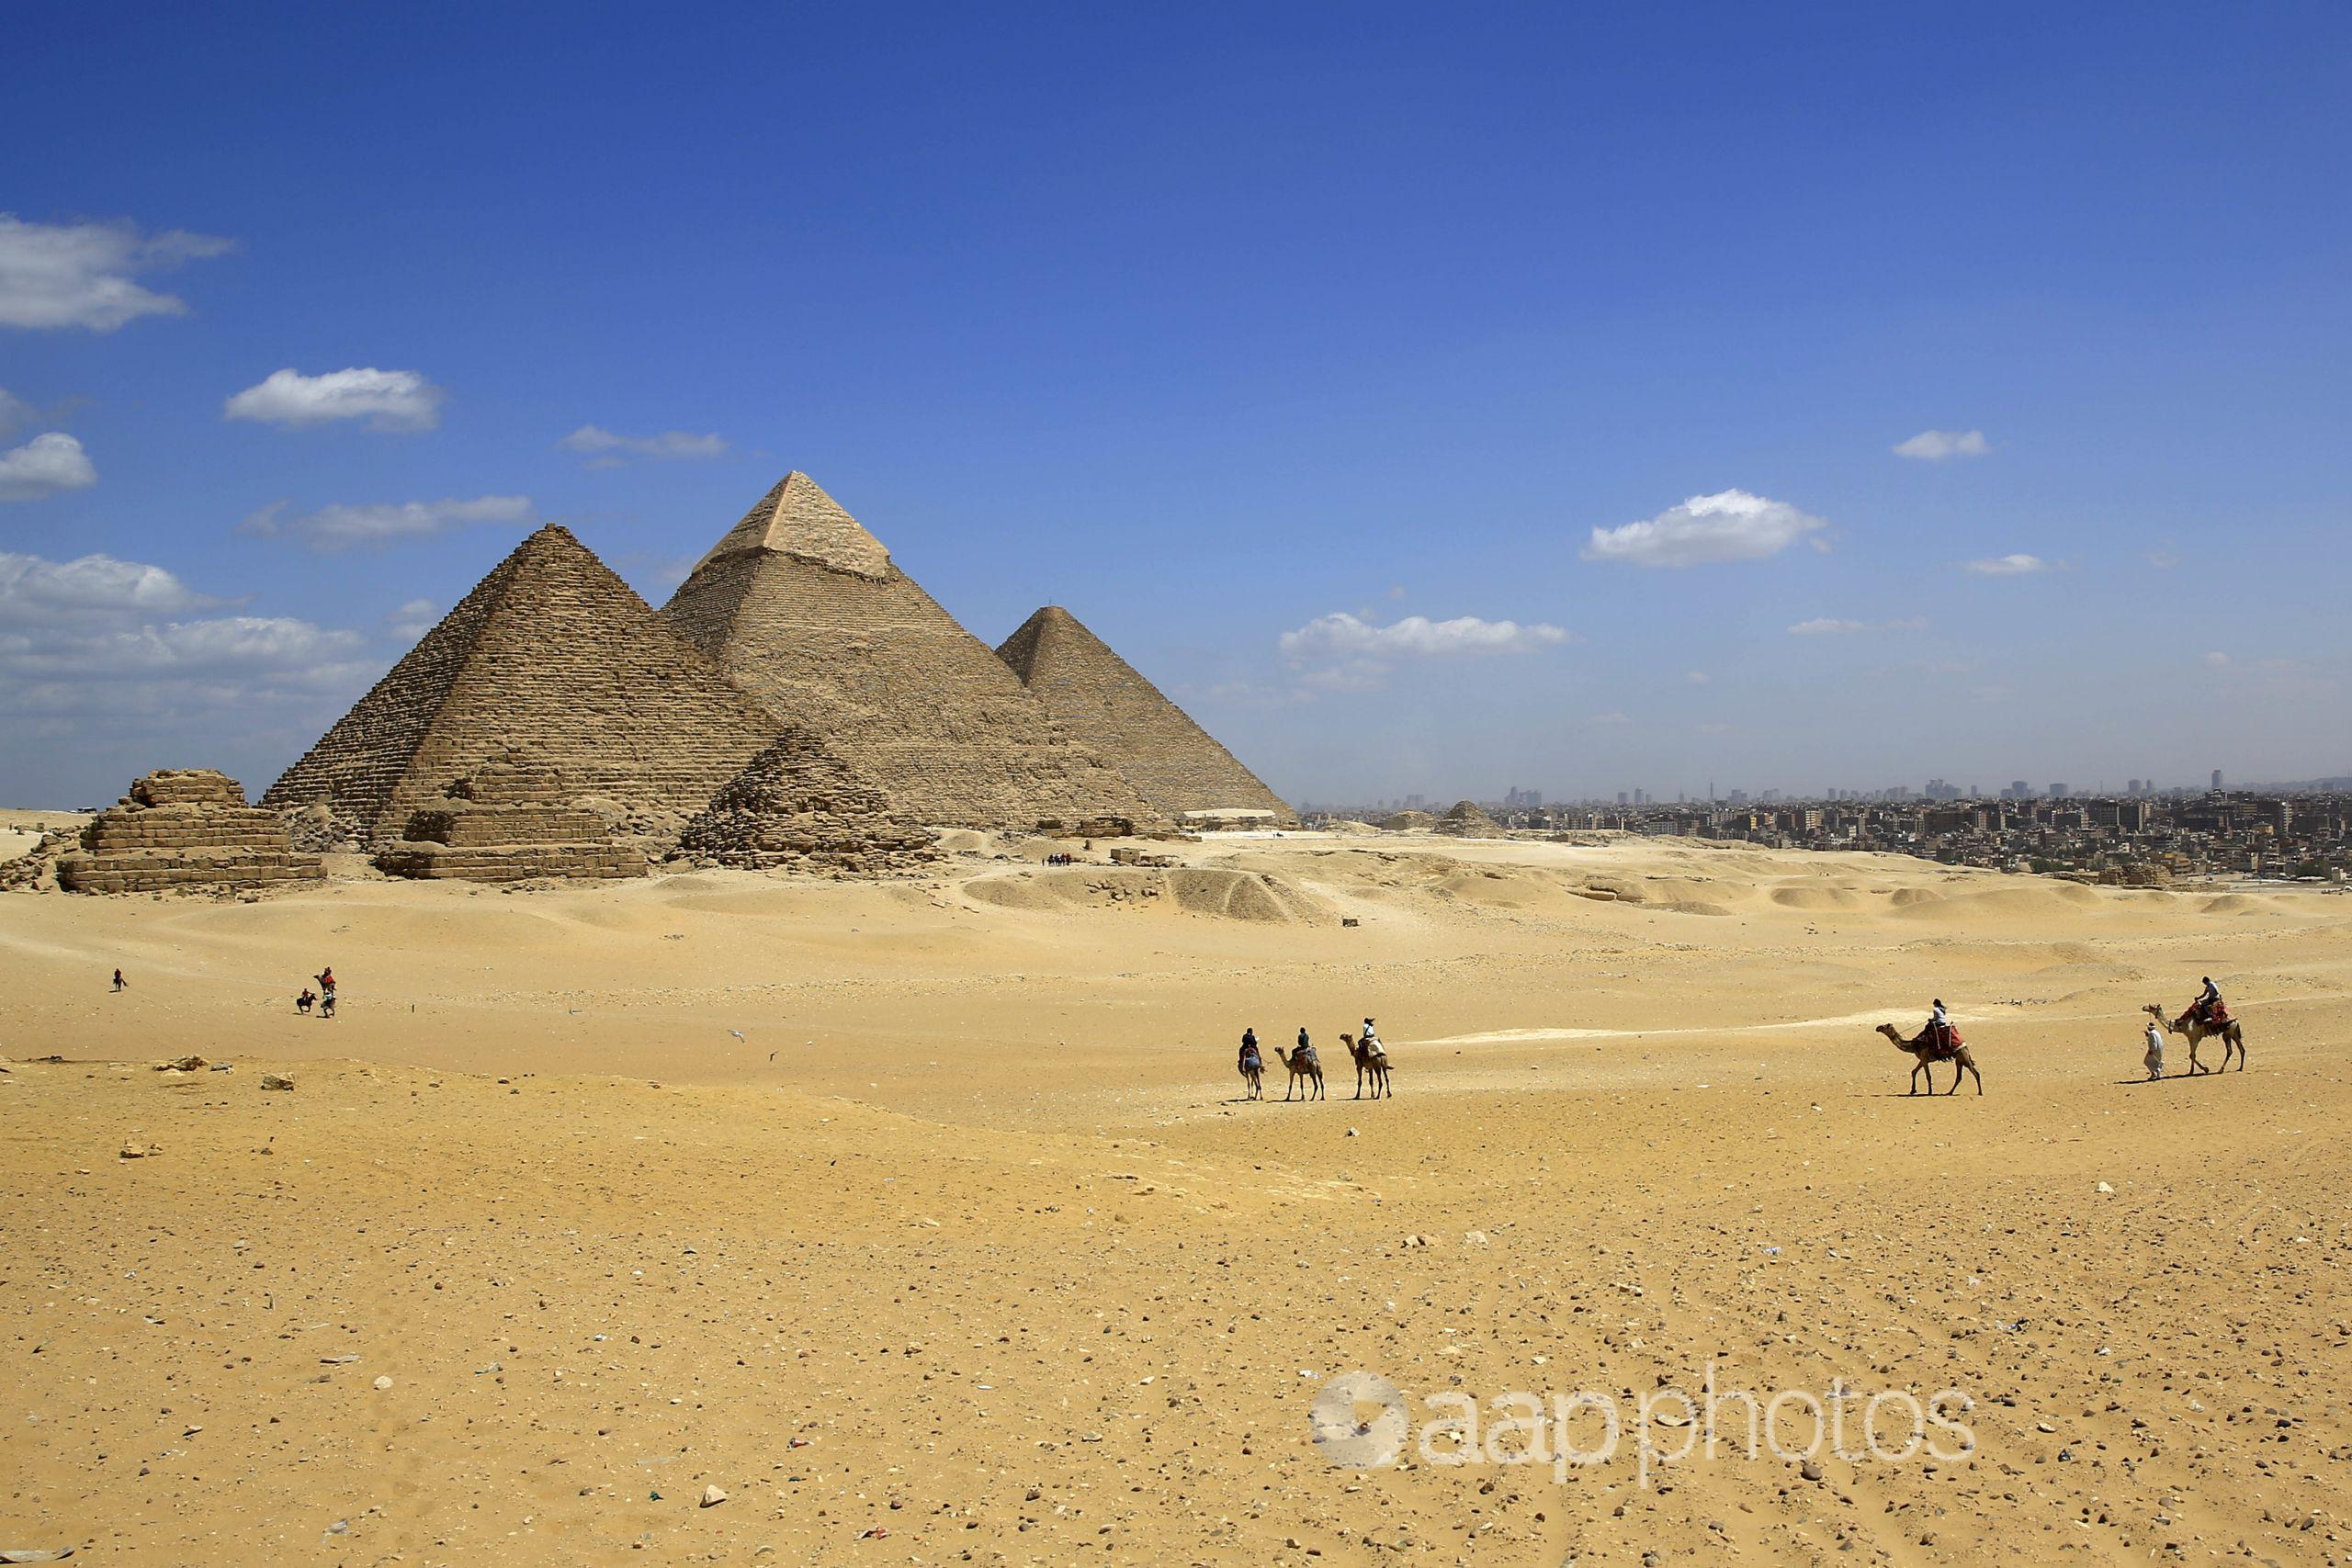 The Giza Pyramids in Giza, near Cairo.